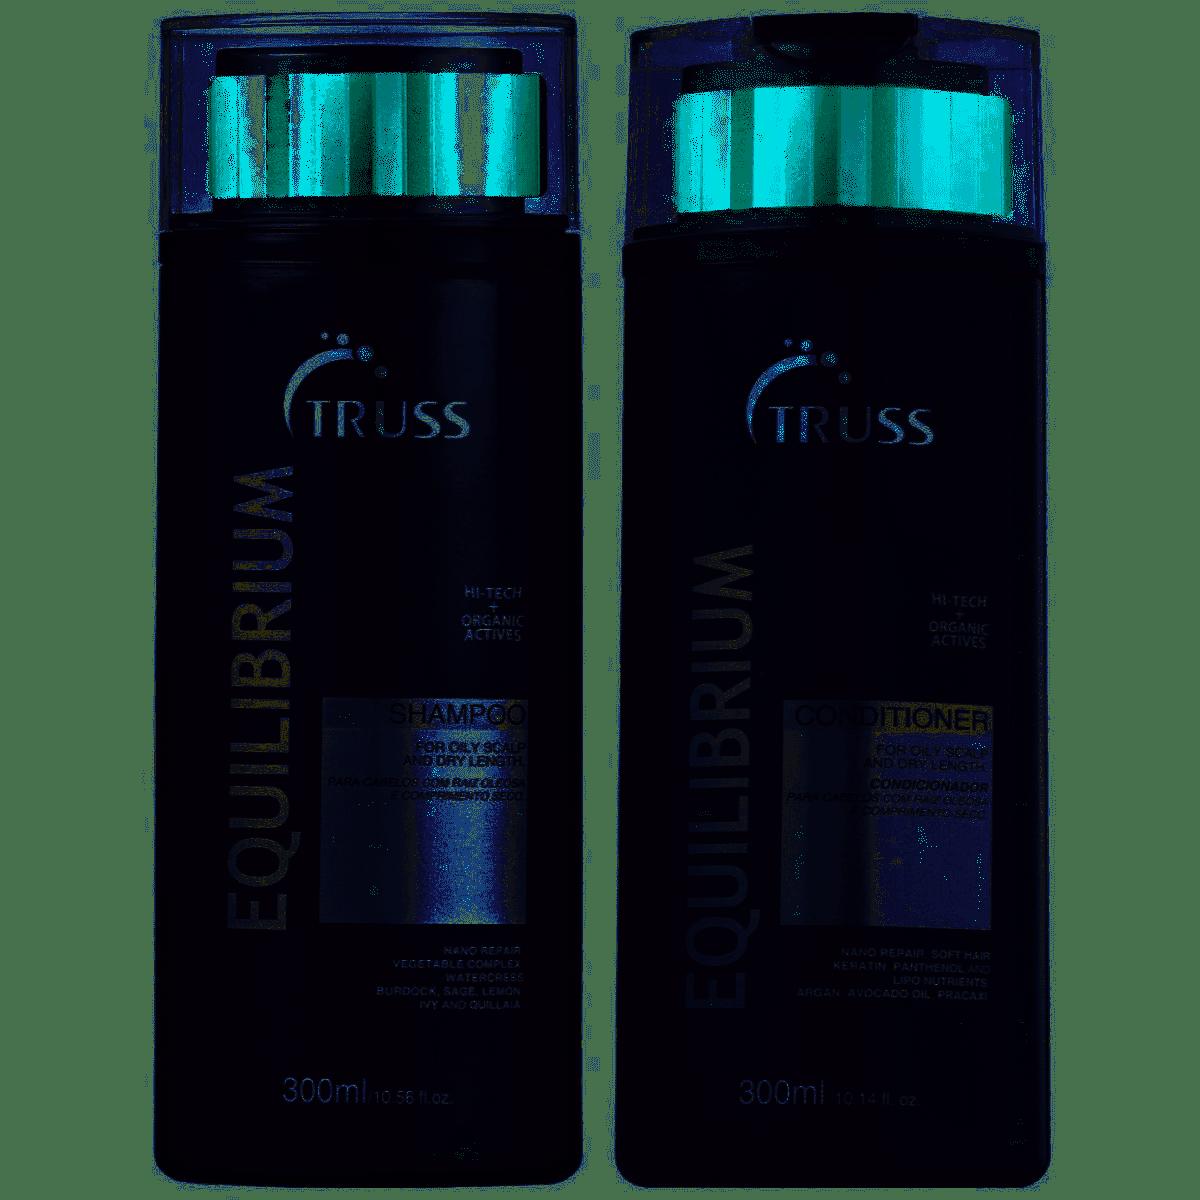 Kit Truss Equilibrium Shampoo e Condicionador 2x300ml